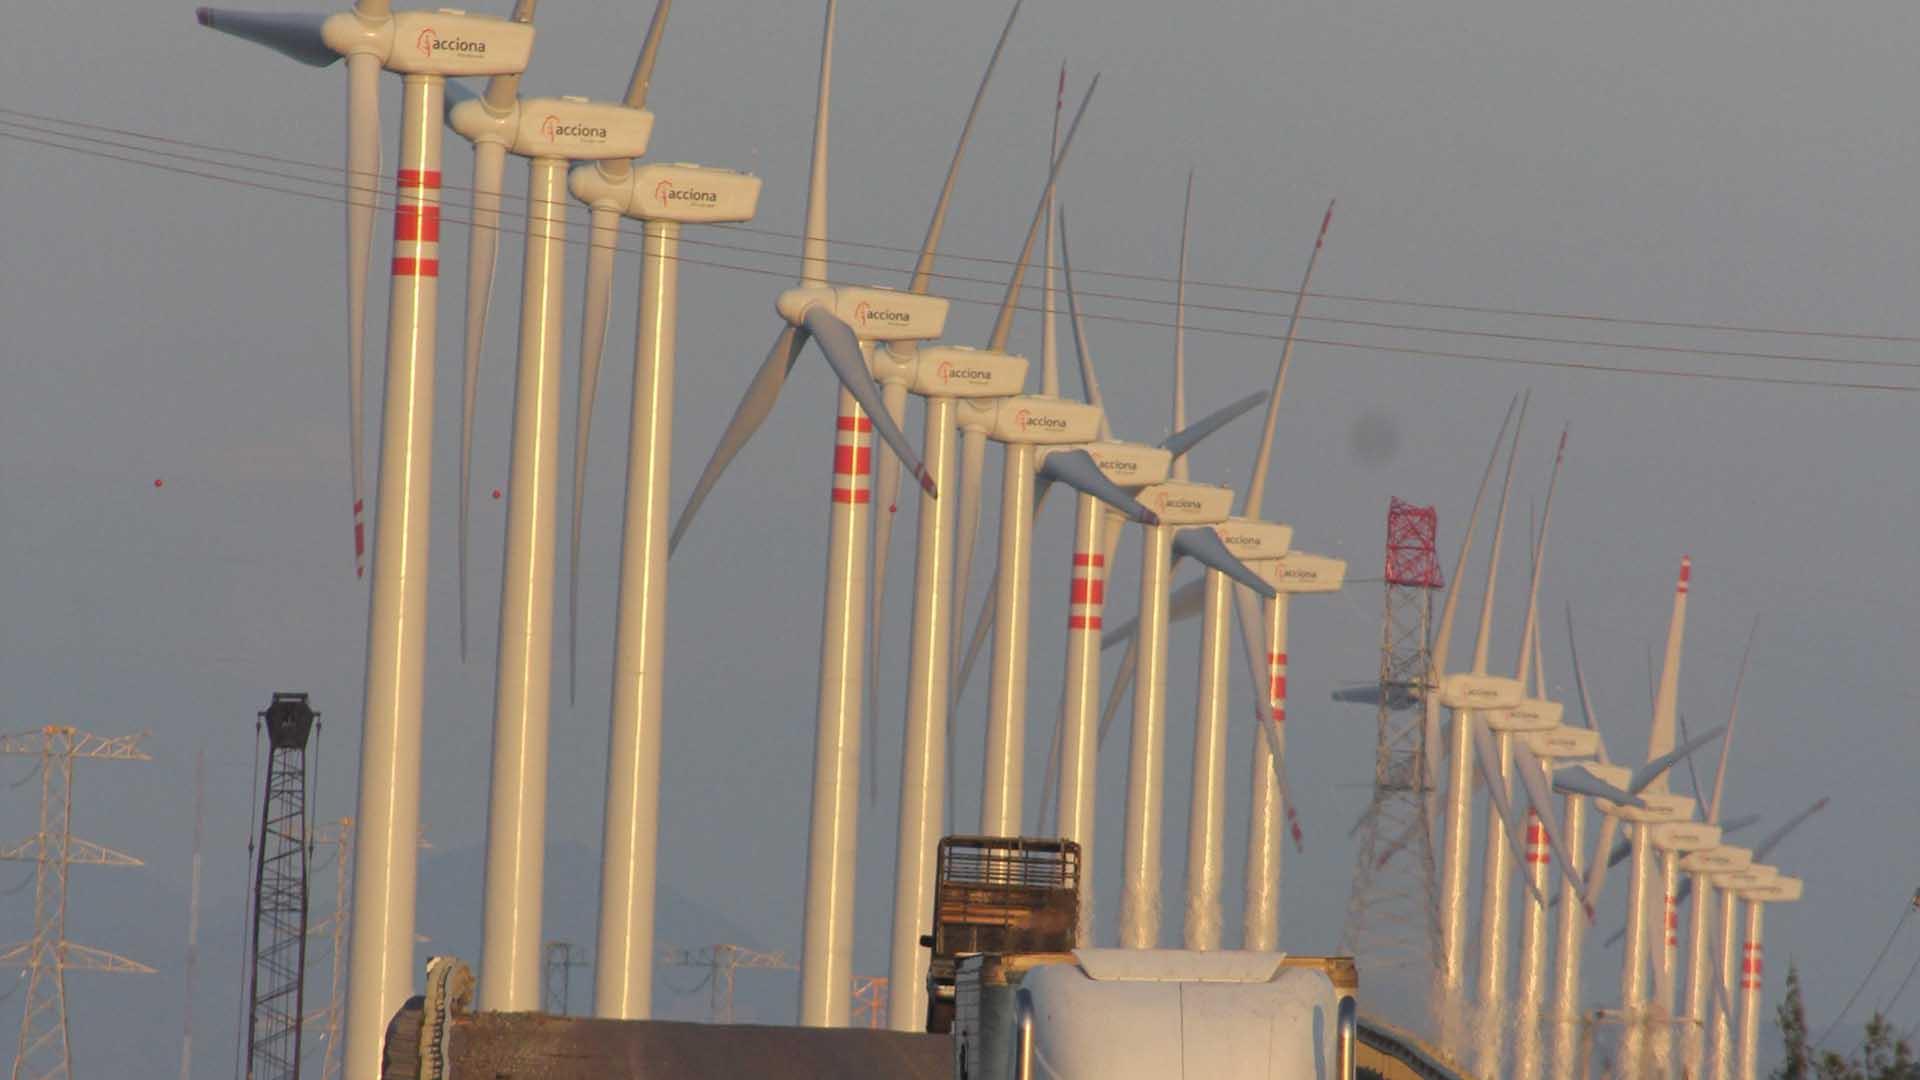 CFE y Acciona firman acuerdo para desarrollar energías renovables en México